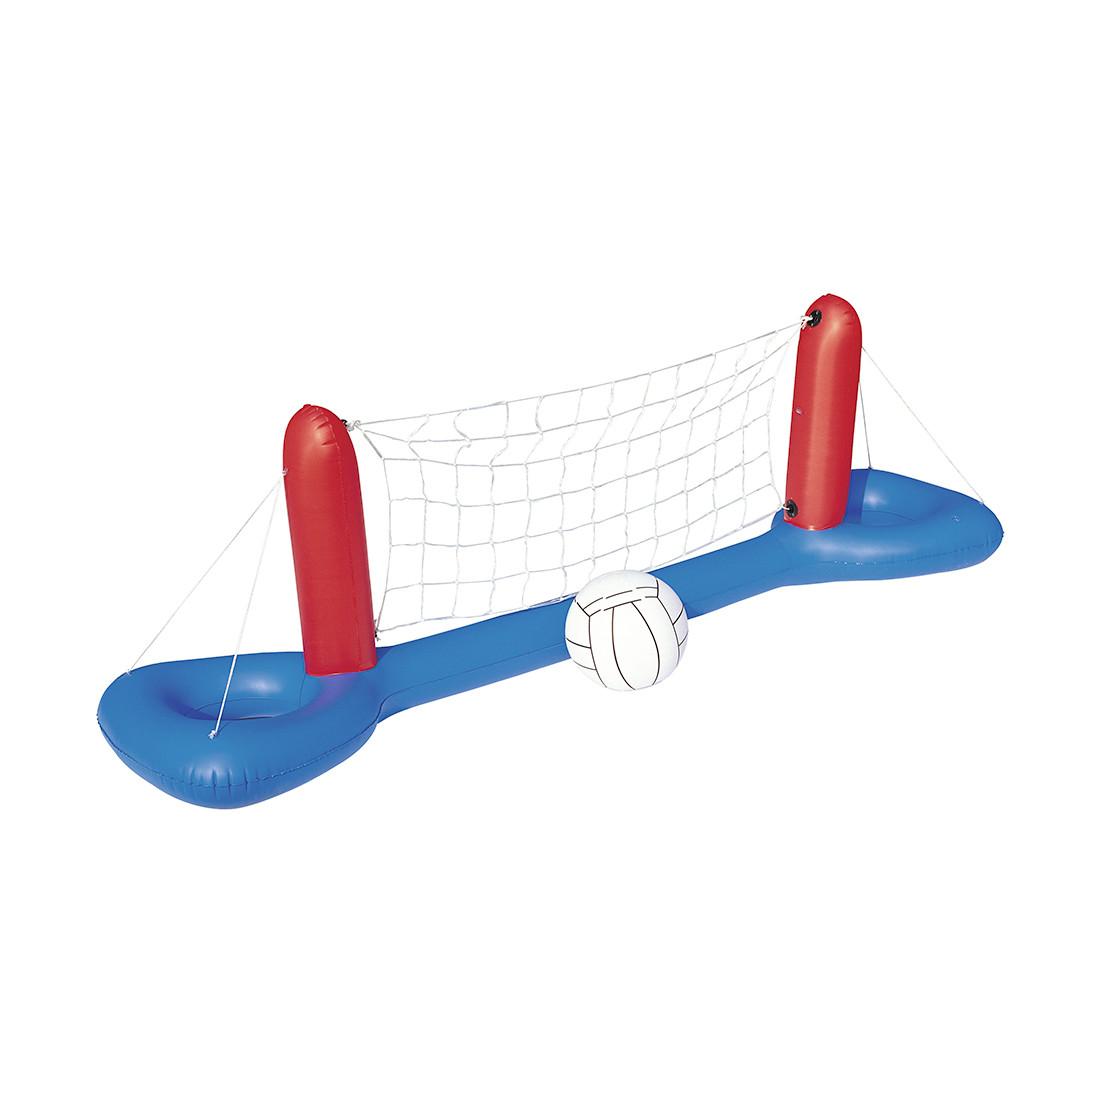 Надувной игровой центр Volleyball Set 244 х 64 см, BESTWAY, 52133